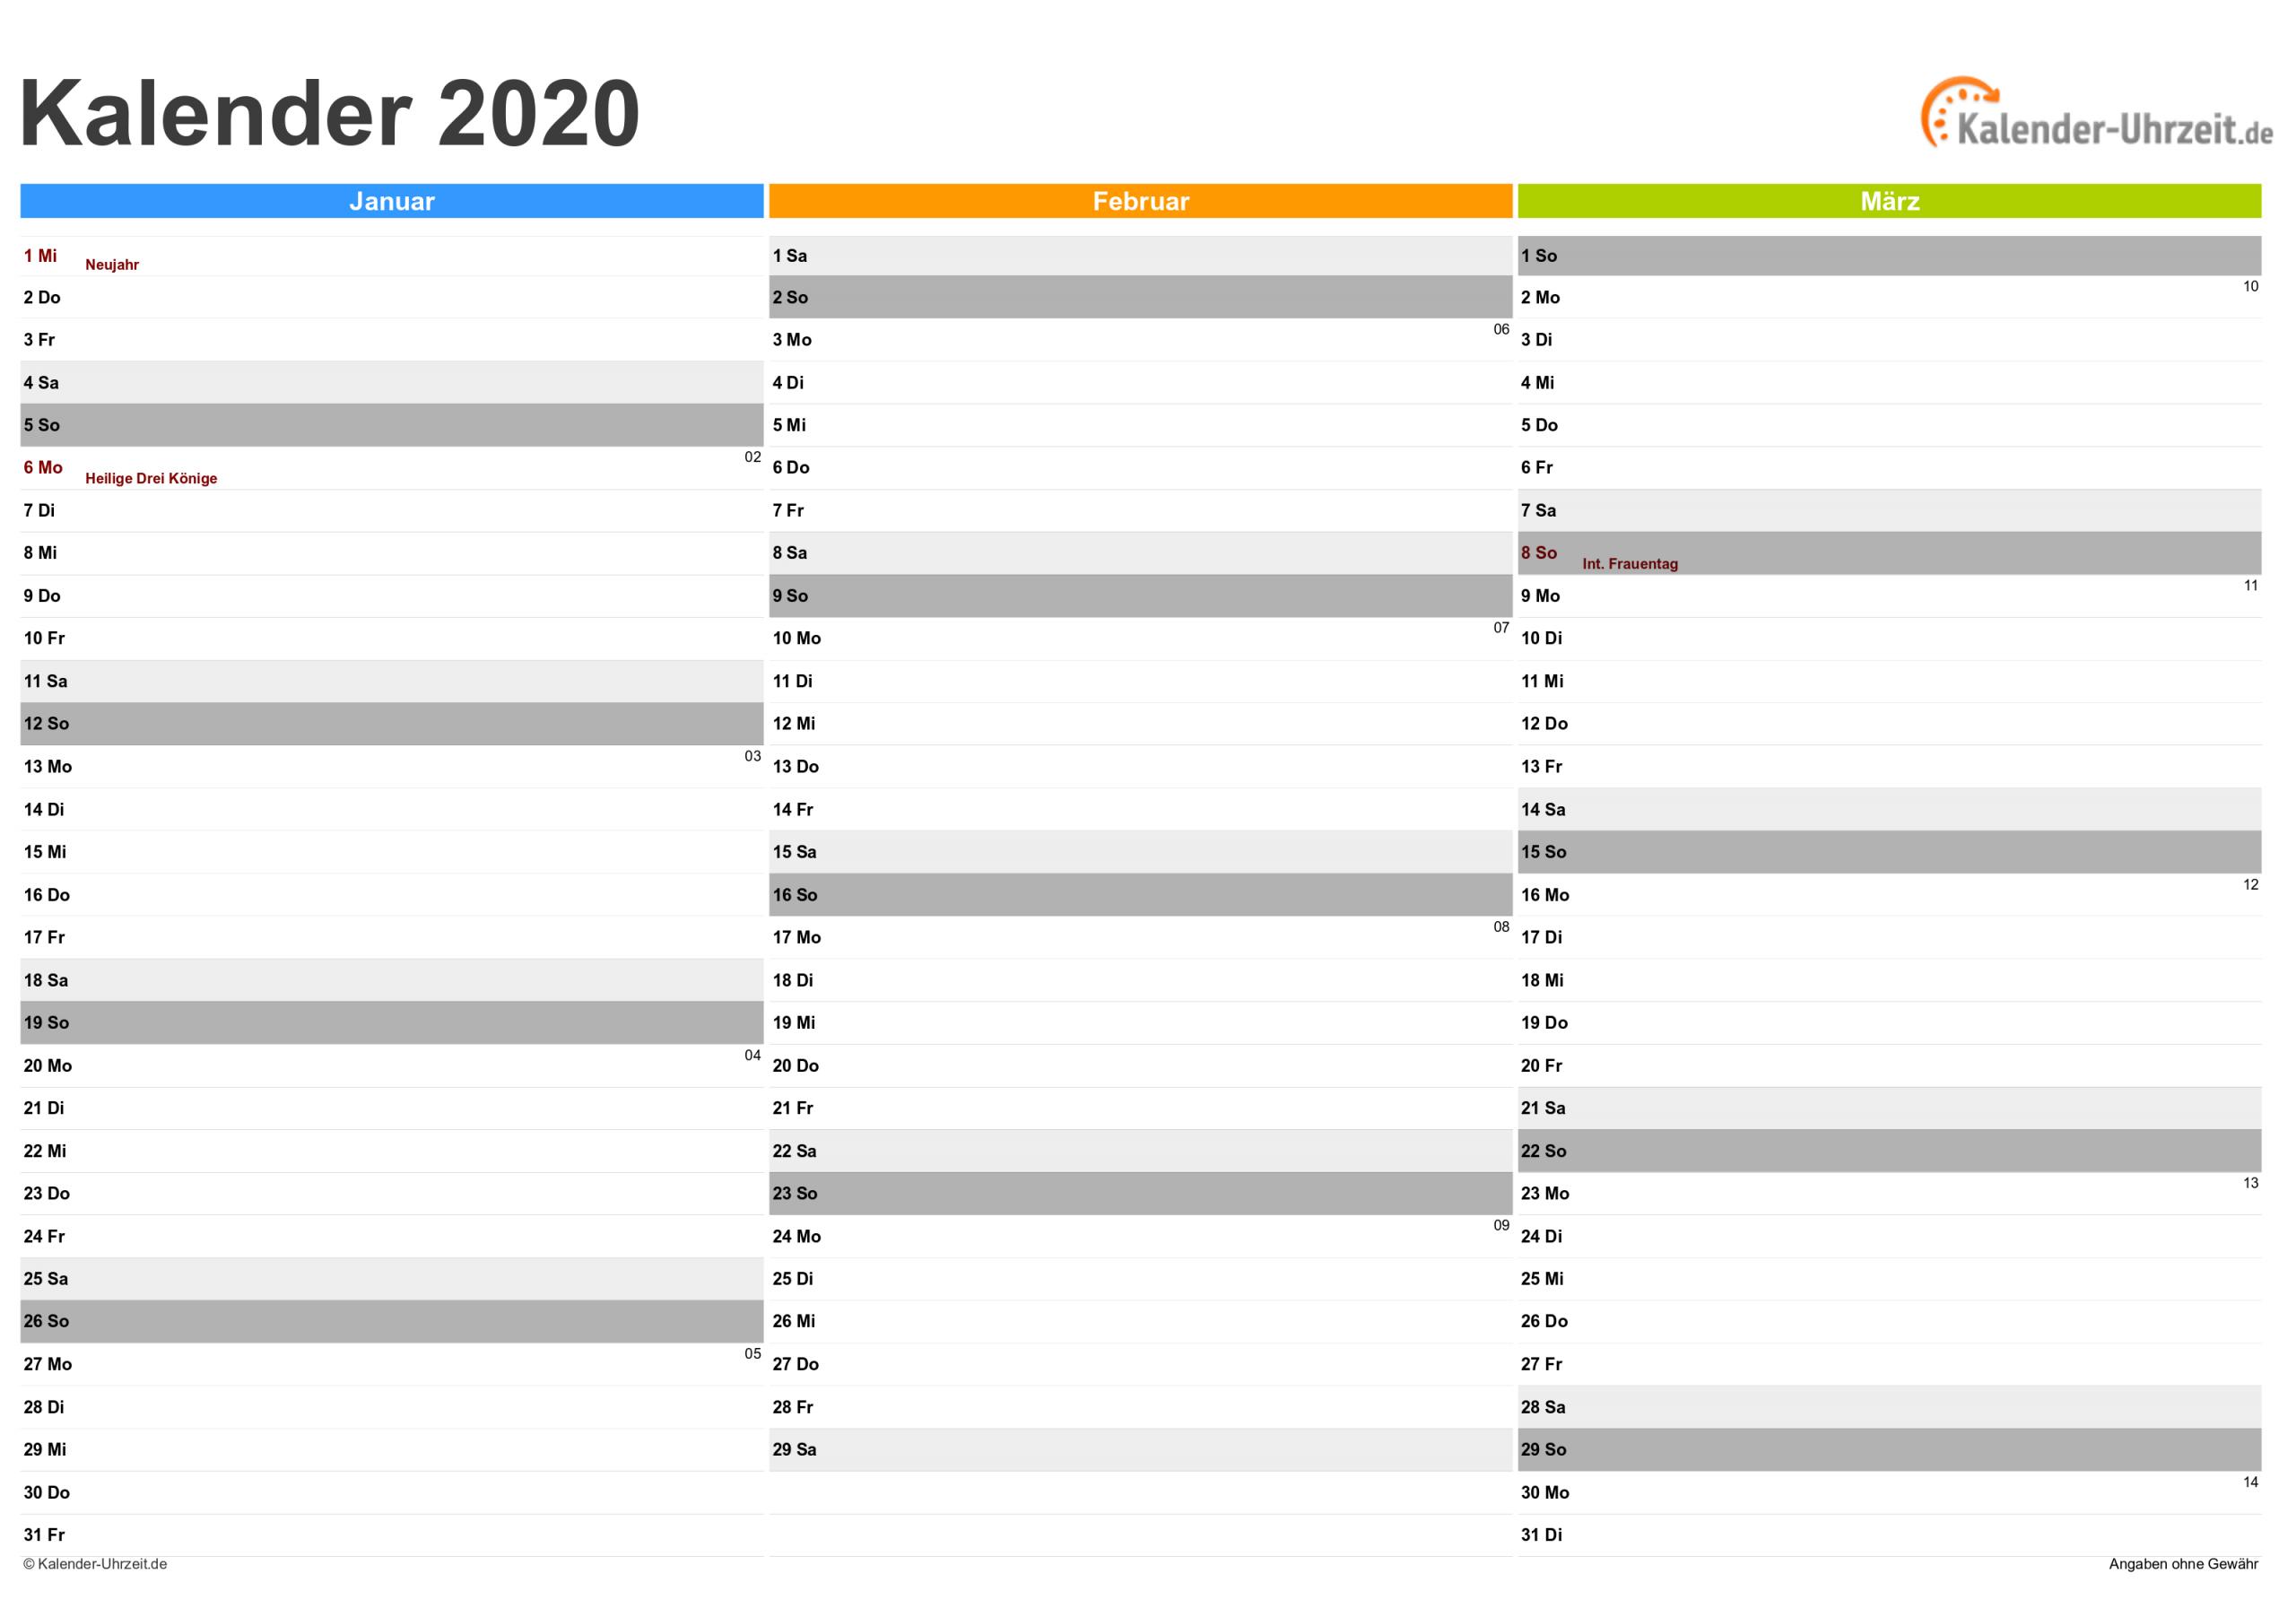 Kalender 2020 Zum Ausdrucken - Kostenlos für Kostenlose Kalender Zum Ausdrucken